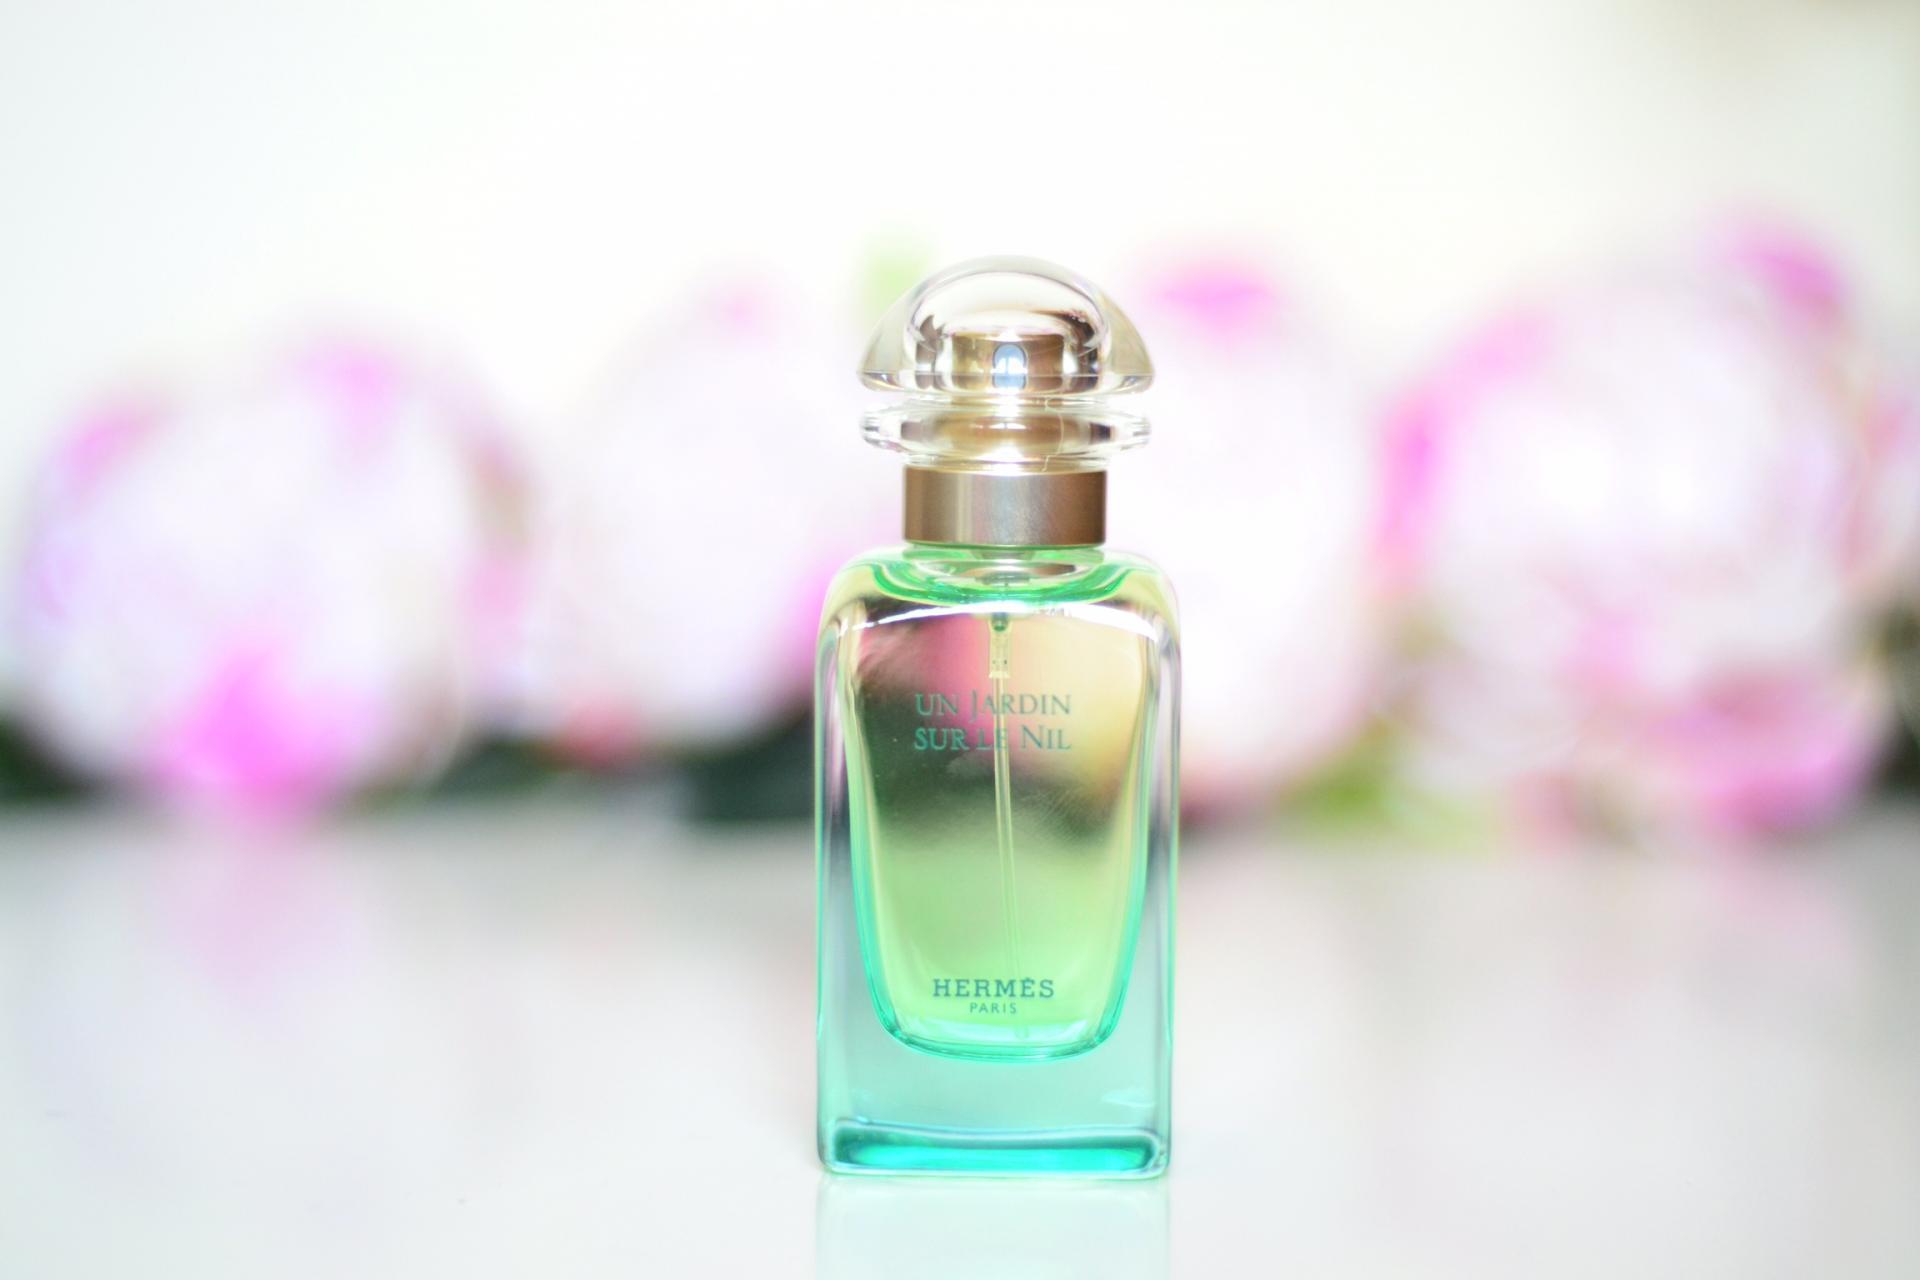 hermes-un-jardin-sur-le-nil-perfume